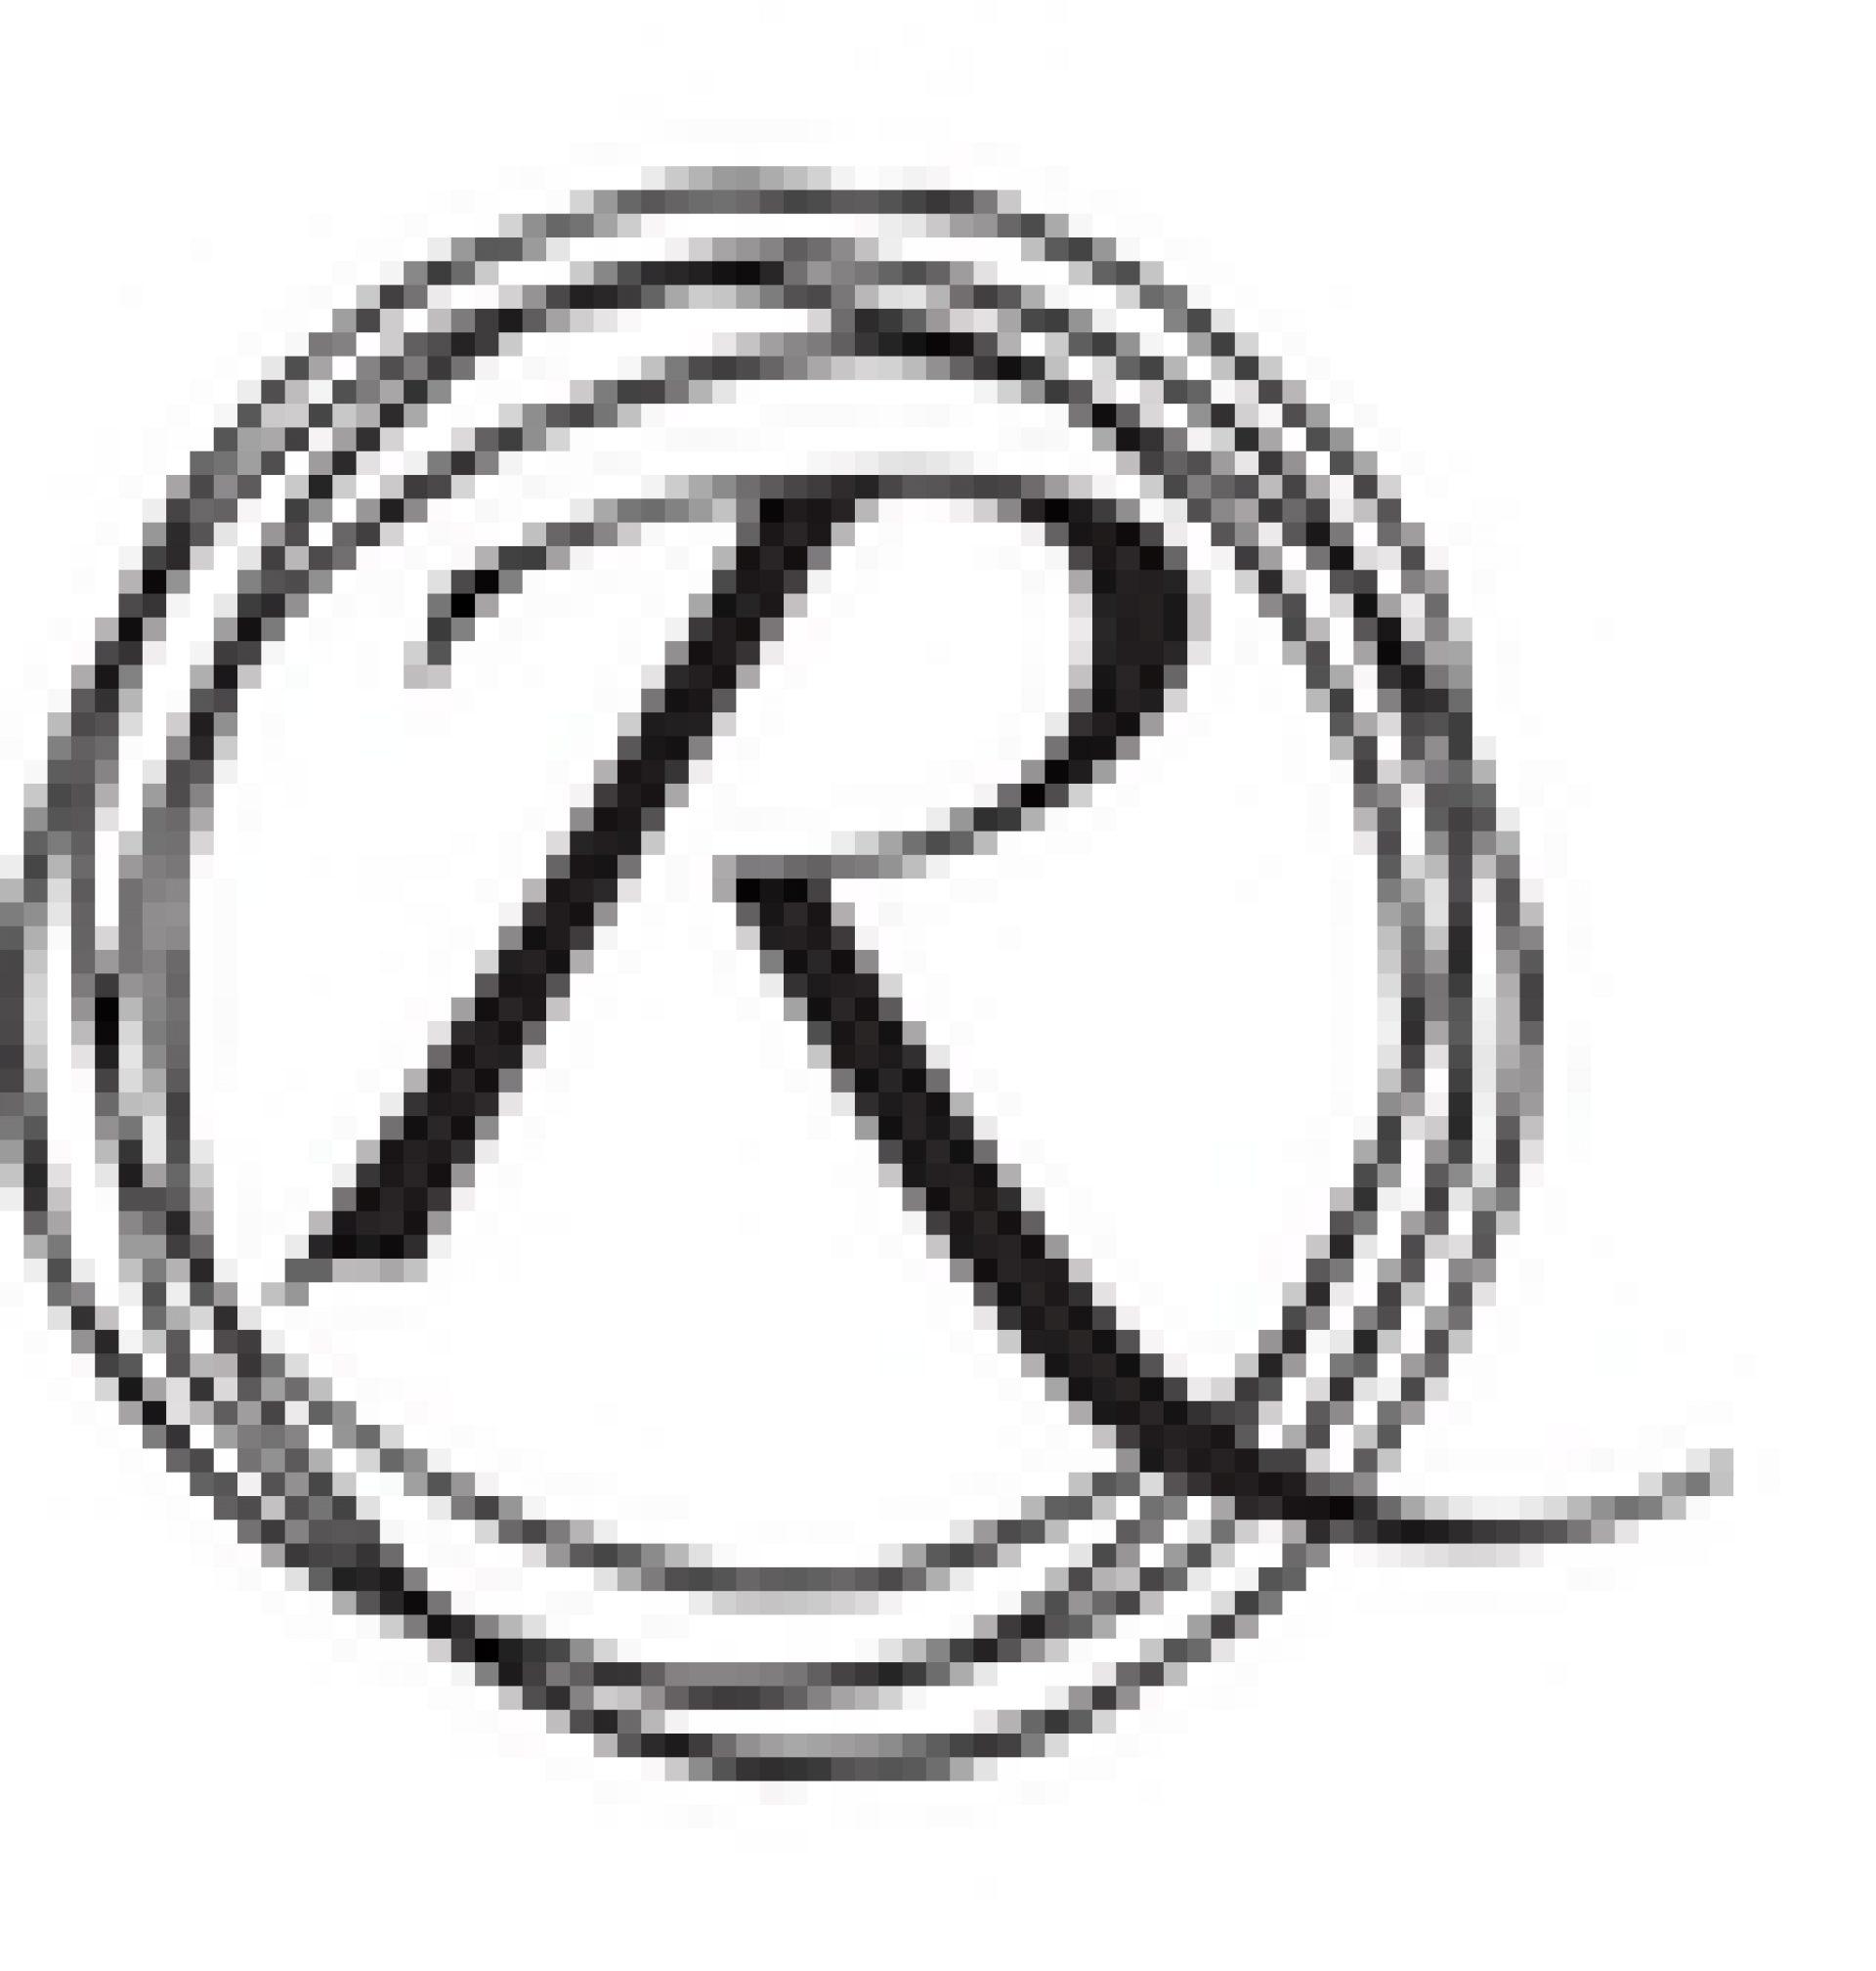 רוזנוסר – אלומניום וזכוכית